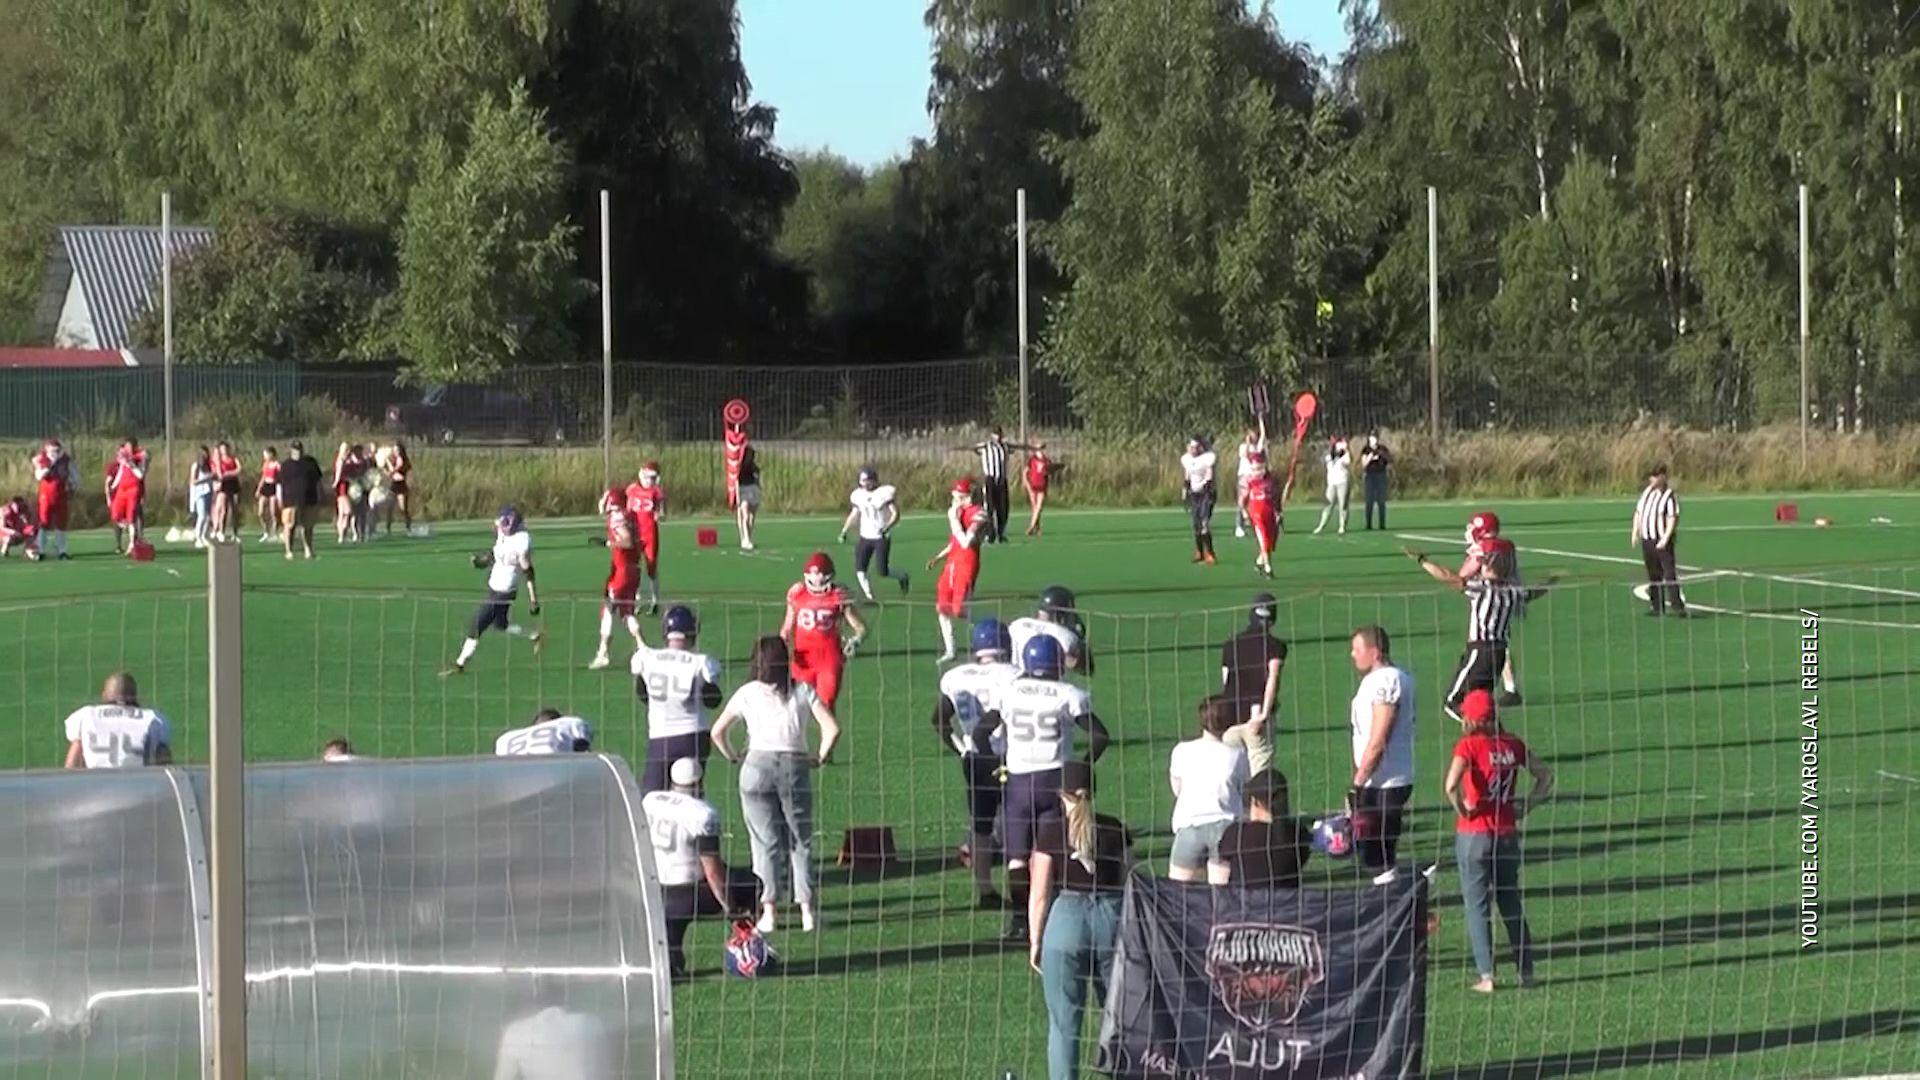 Ярославский «Флагман» одержал победу на домашнем стадионе